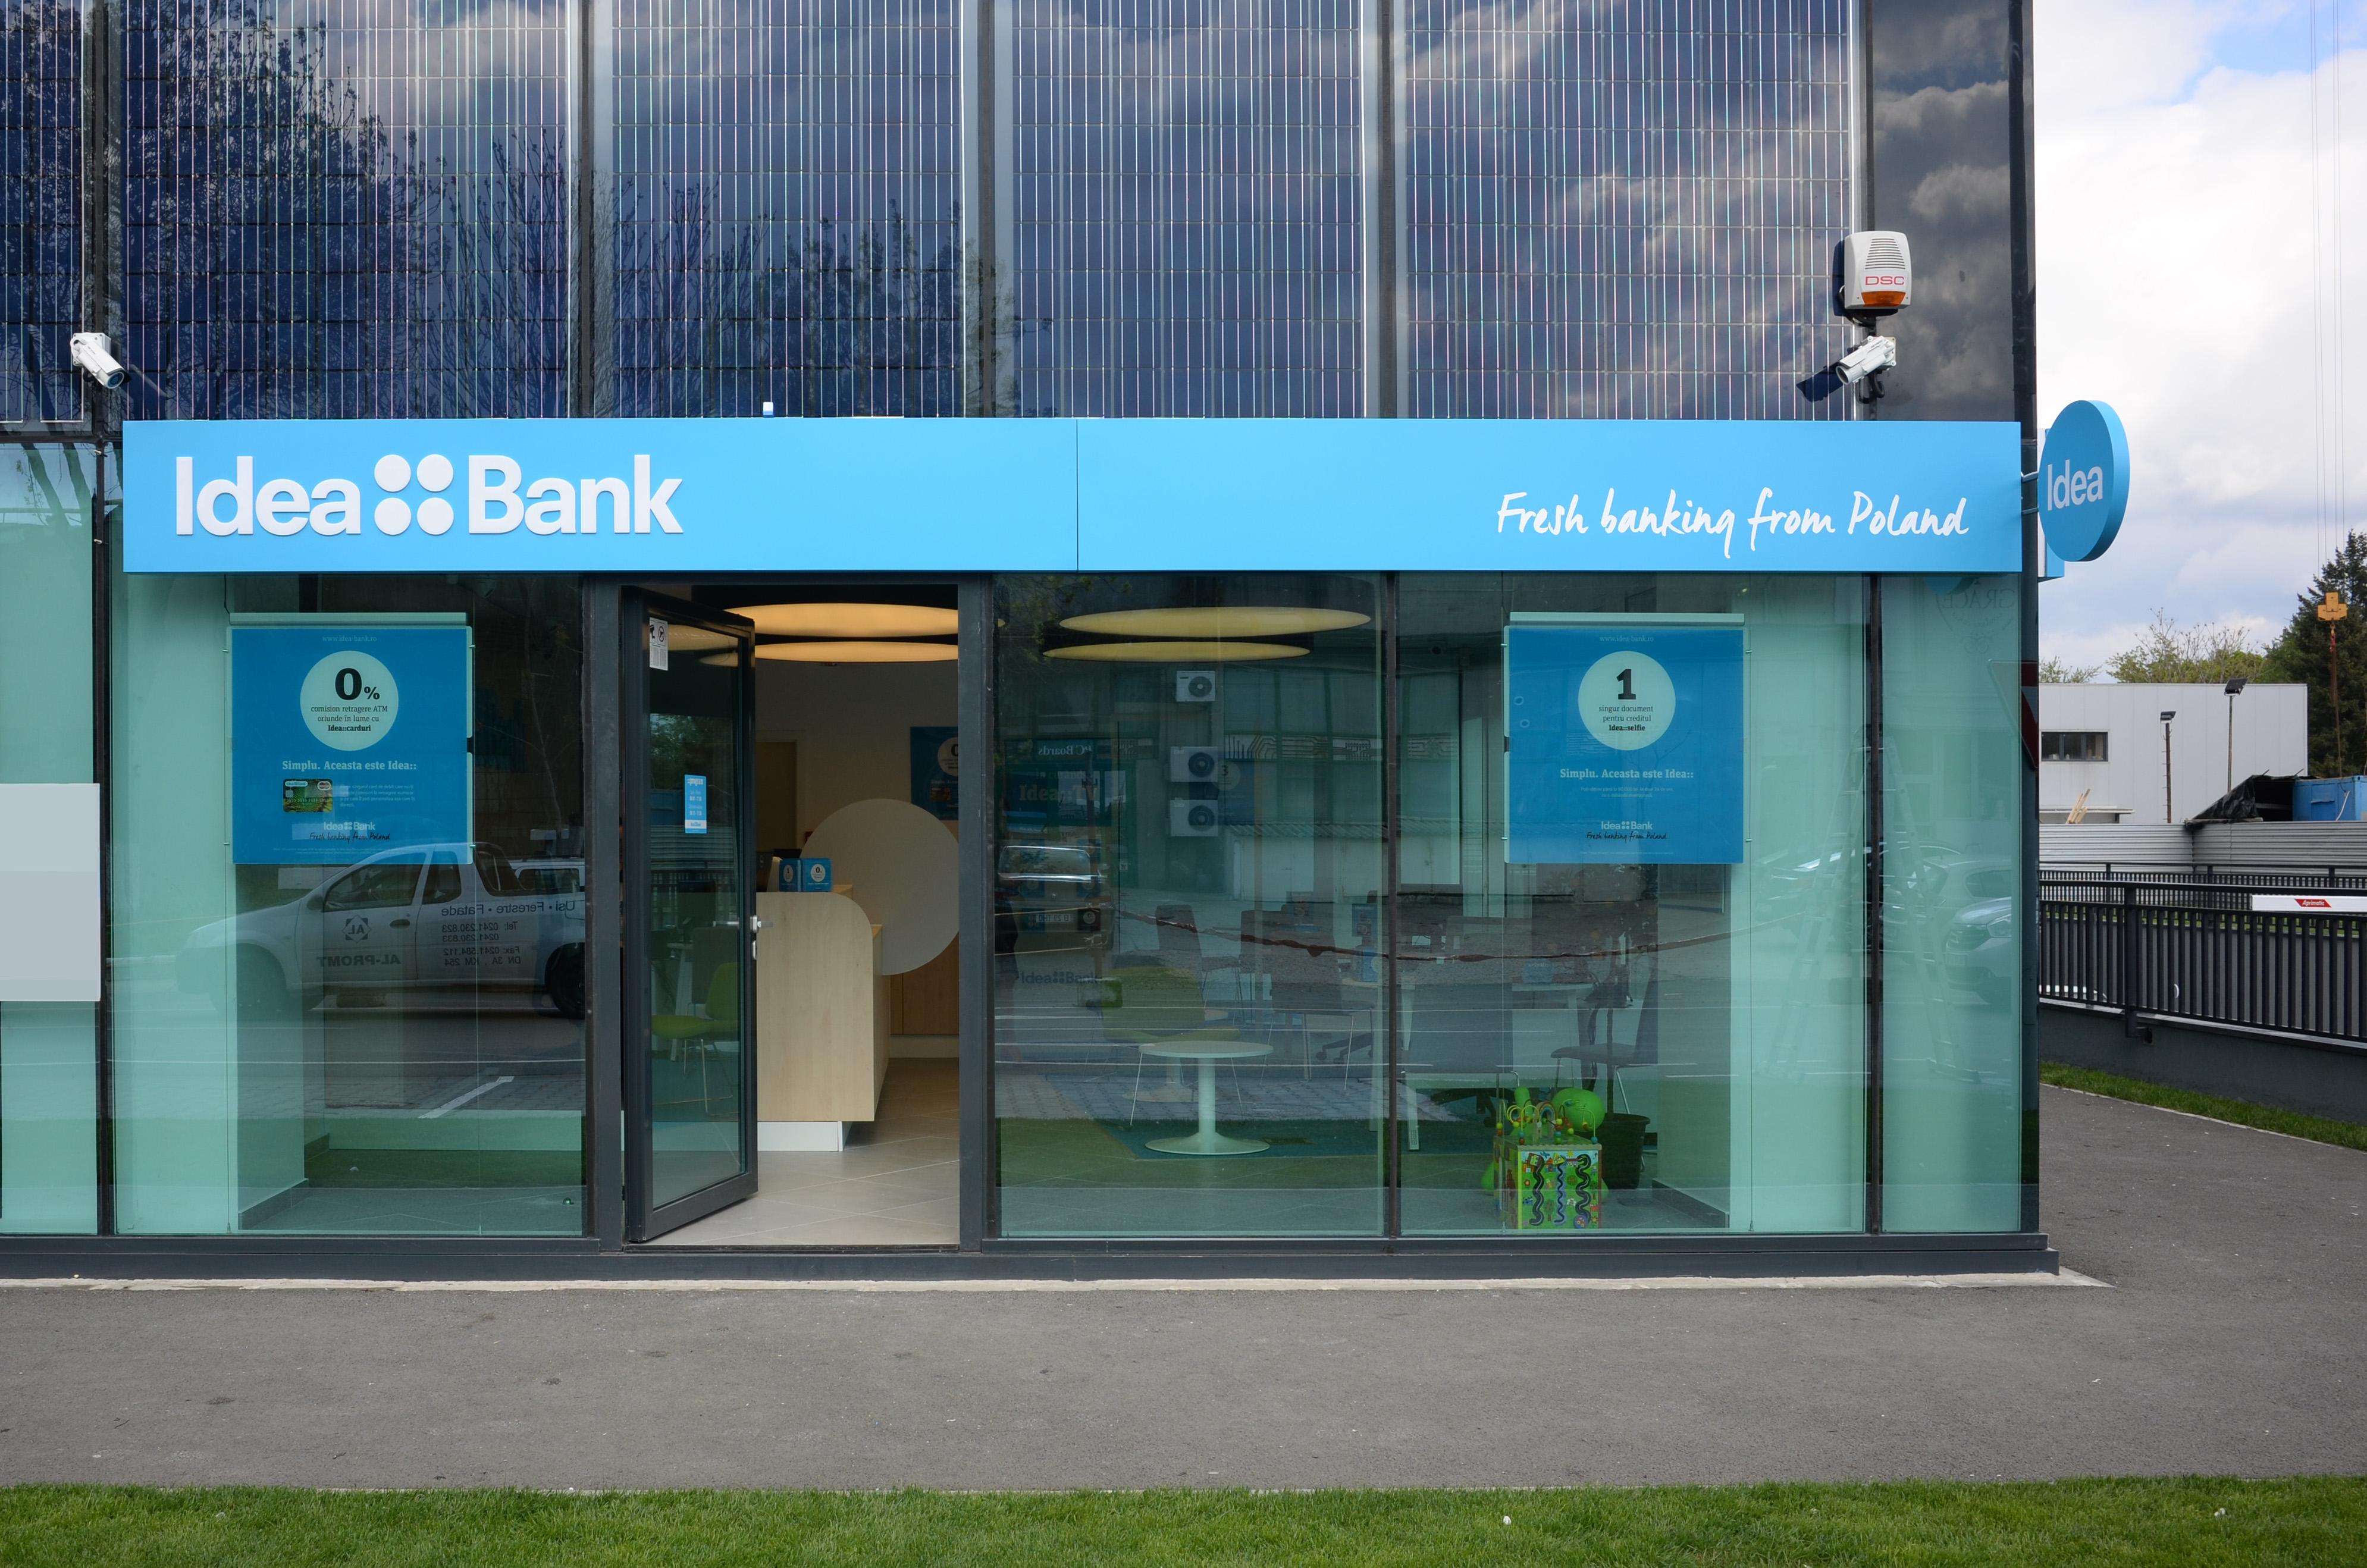 Idea Bank anunţă după primul său an de activitate 20.000 de clienţi noi şi carduri de credit la distanţă